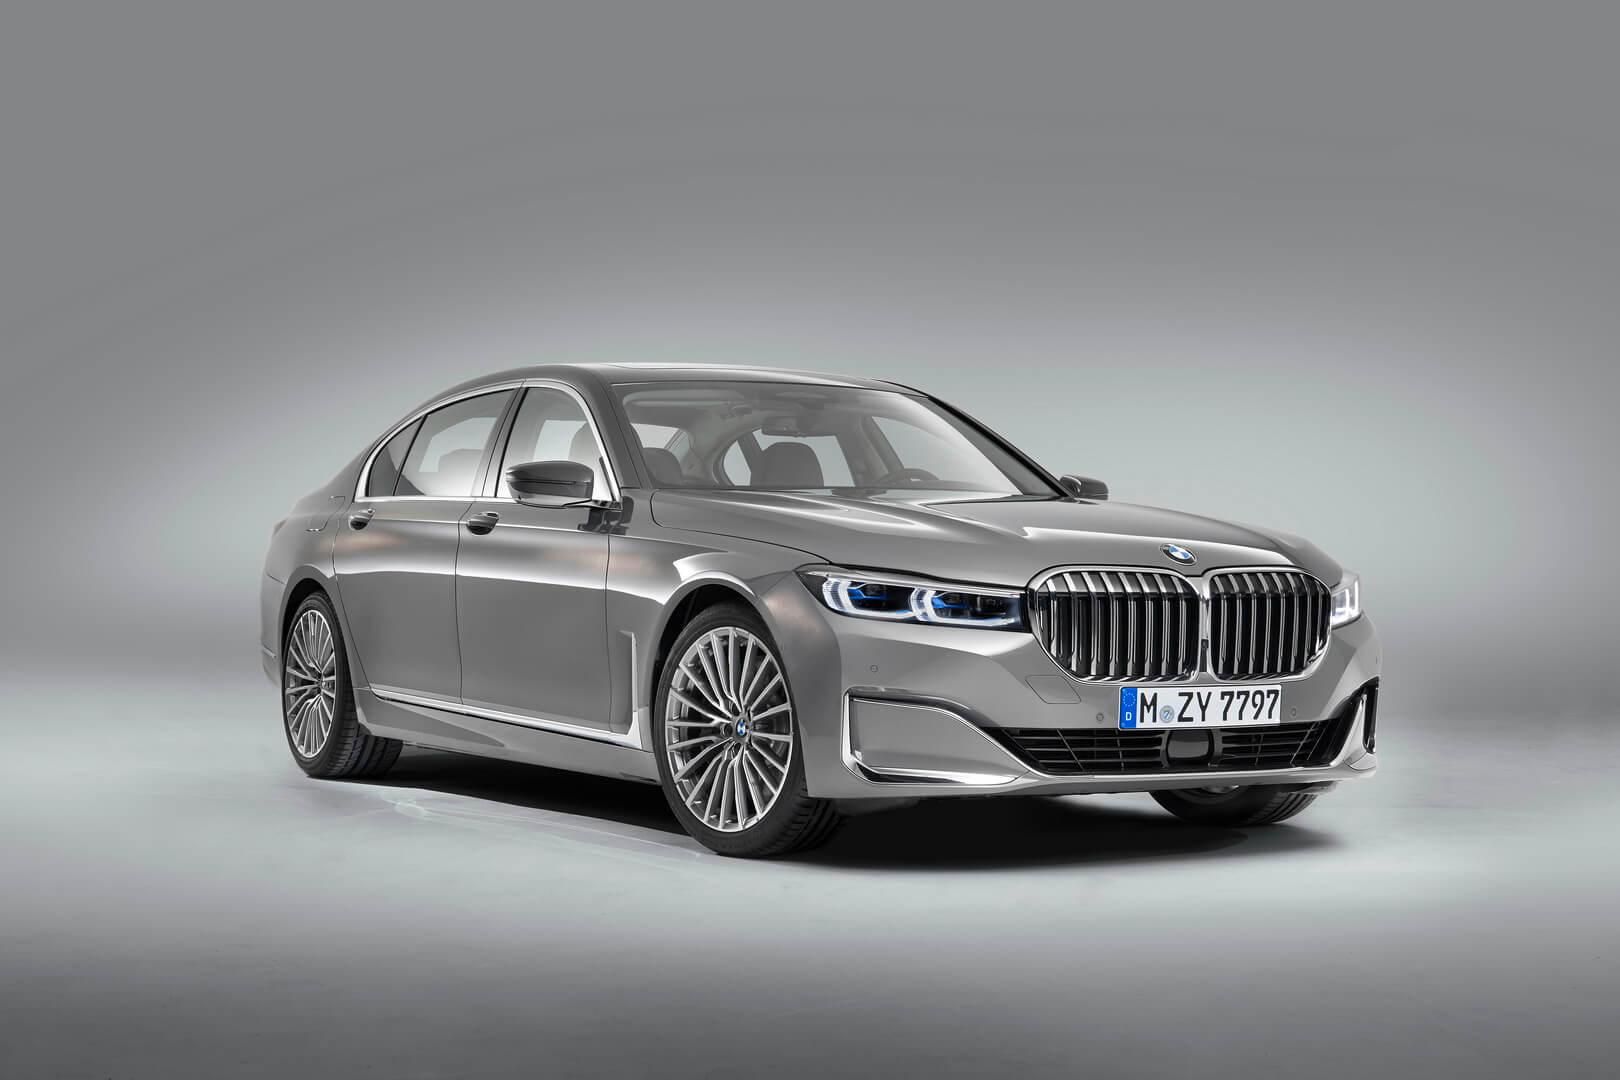 Обновленный плагин-гибрид BMW 745e 2019 года